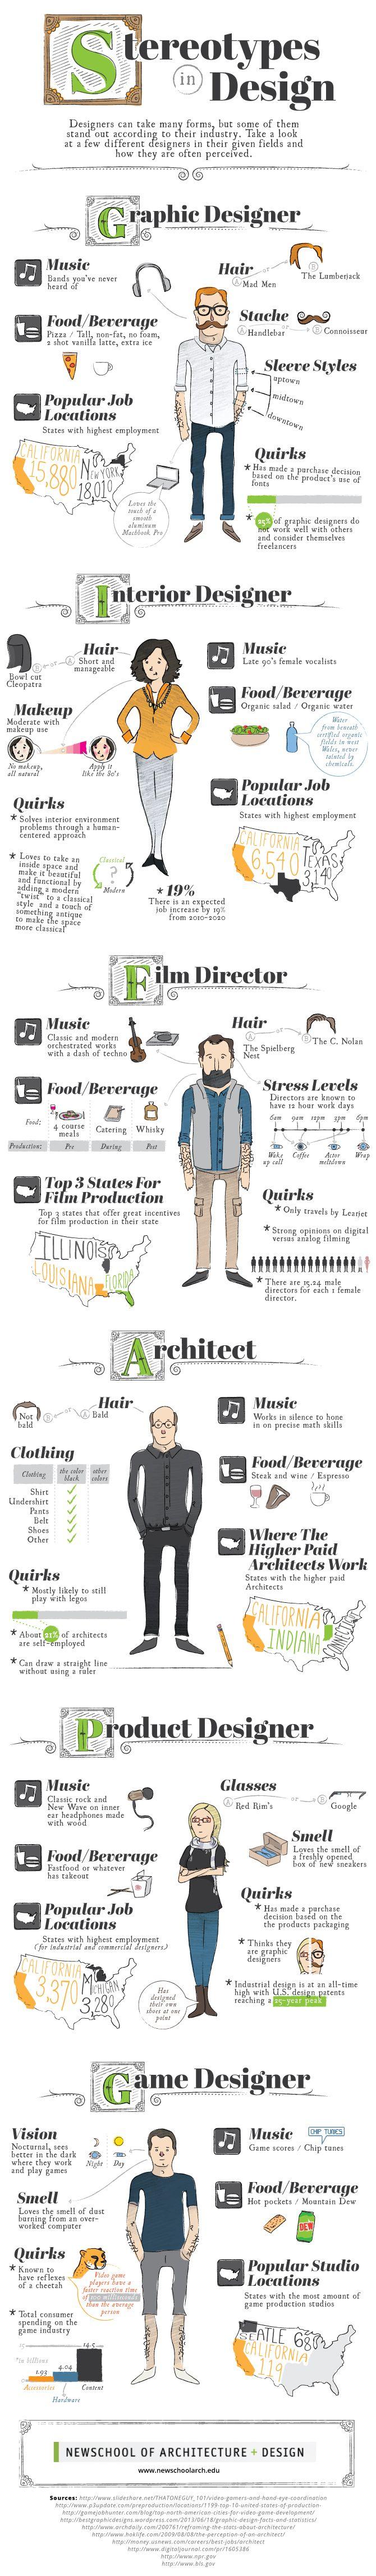 Simpática infografía de los estereotipos en varias ramas del diseño #infografia #diseño